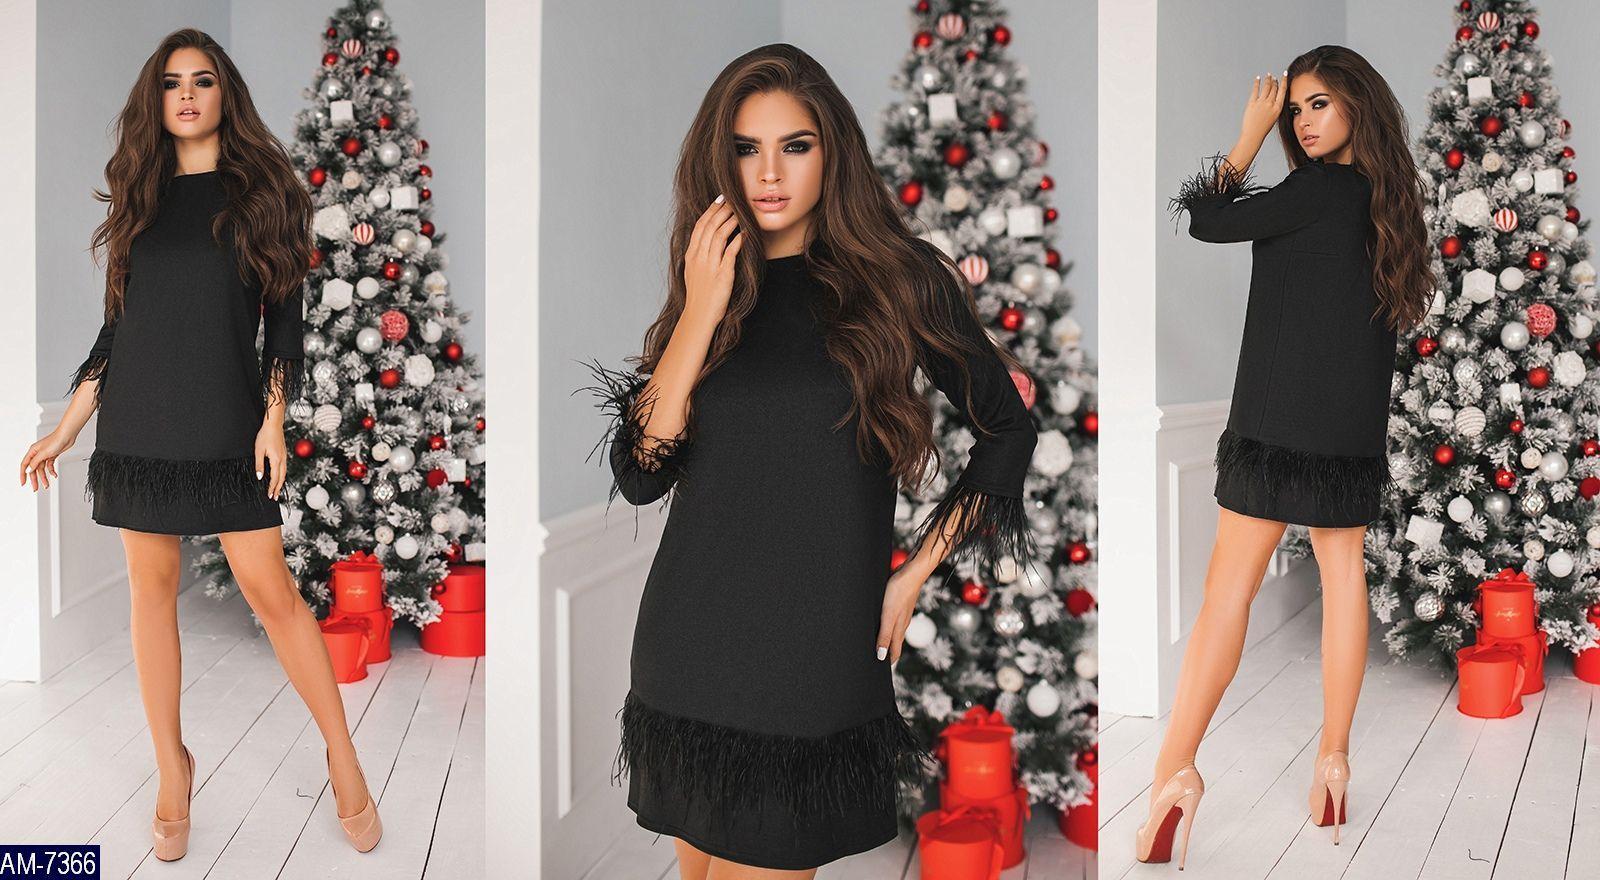 Платье AM-7366